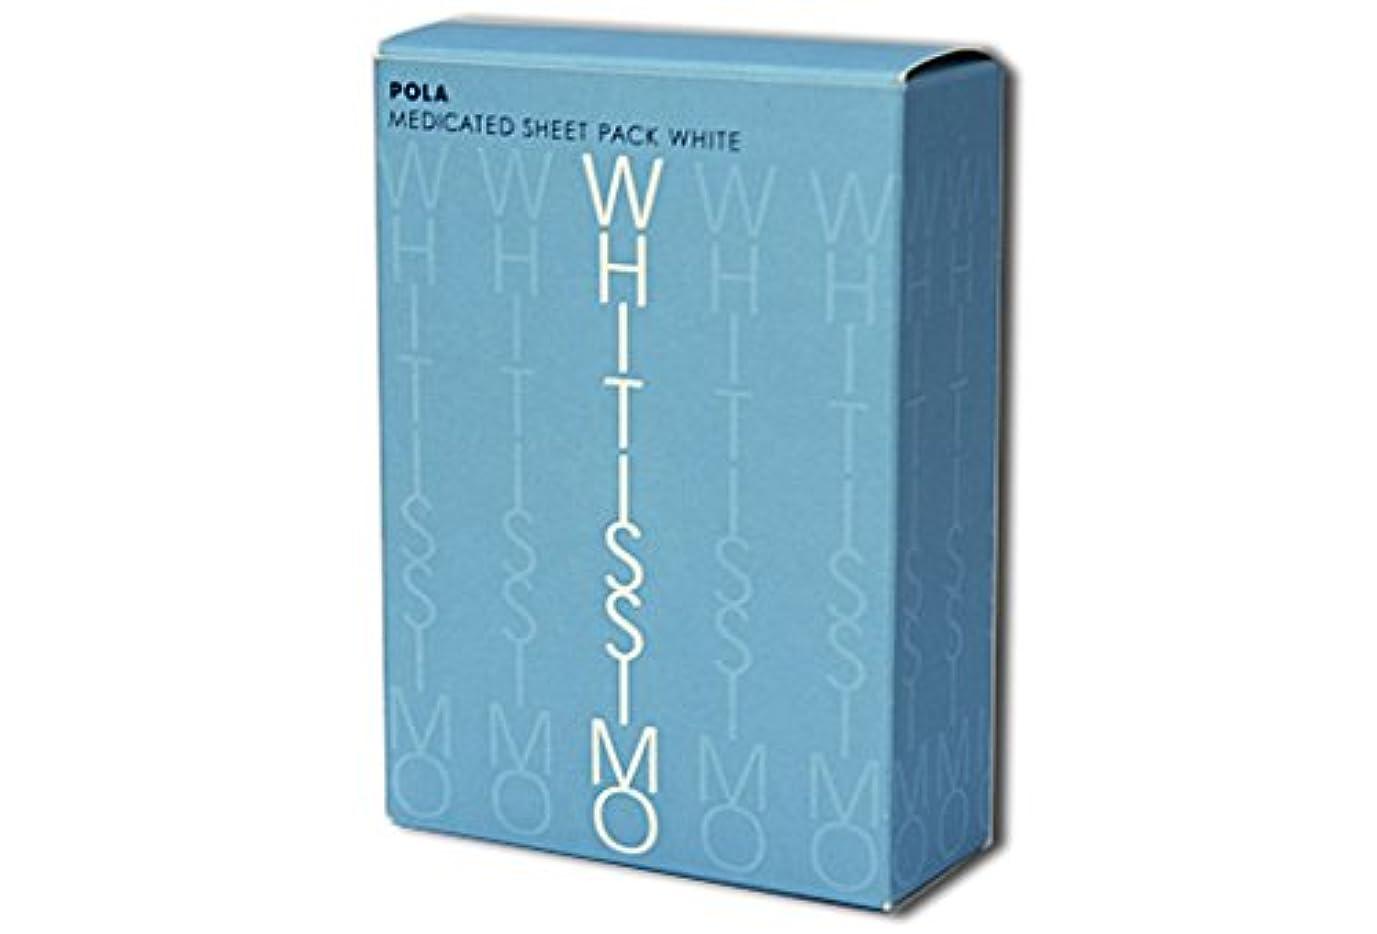 相対的欠席罪悪感POLA / ポーラ ホワイティシモ 薬用シート パック ホワイト 30セット